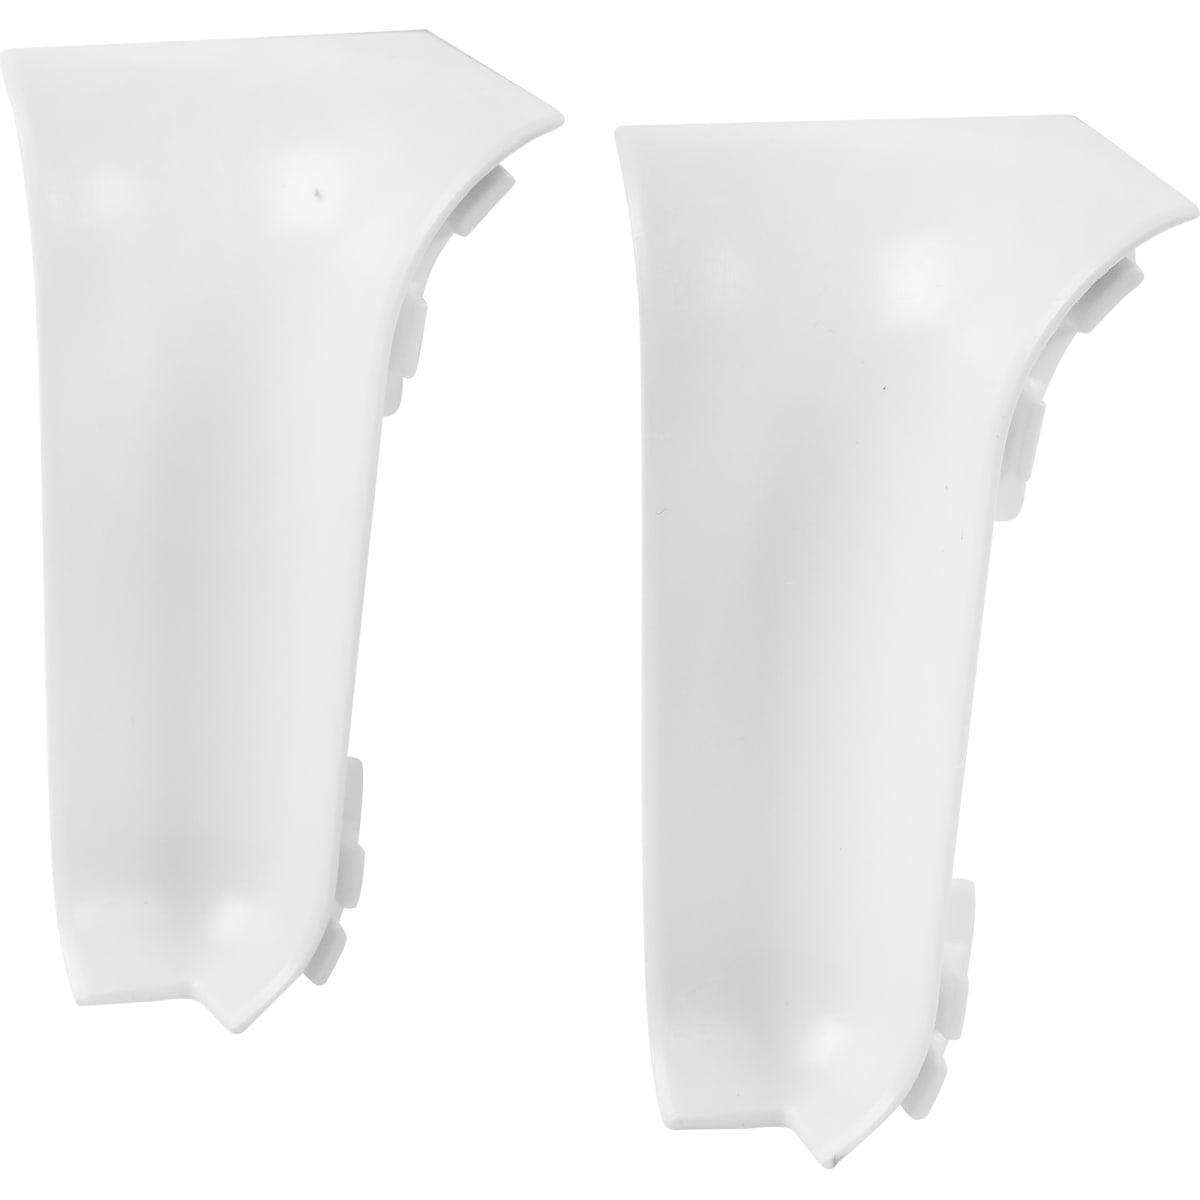 Угол для плинтуса внутренний «Белый», высота 60 мм, 2 шт.